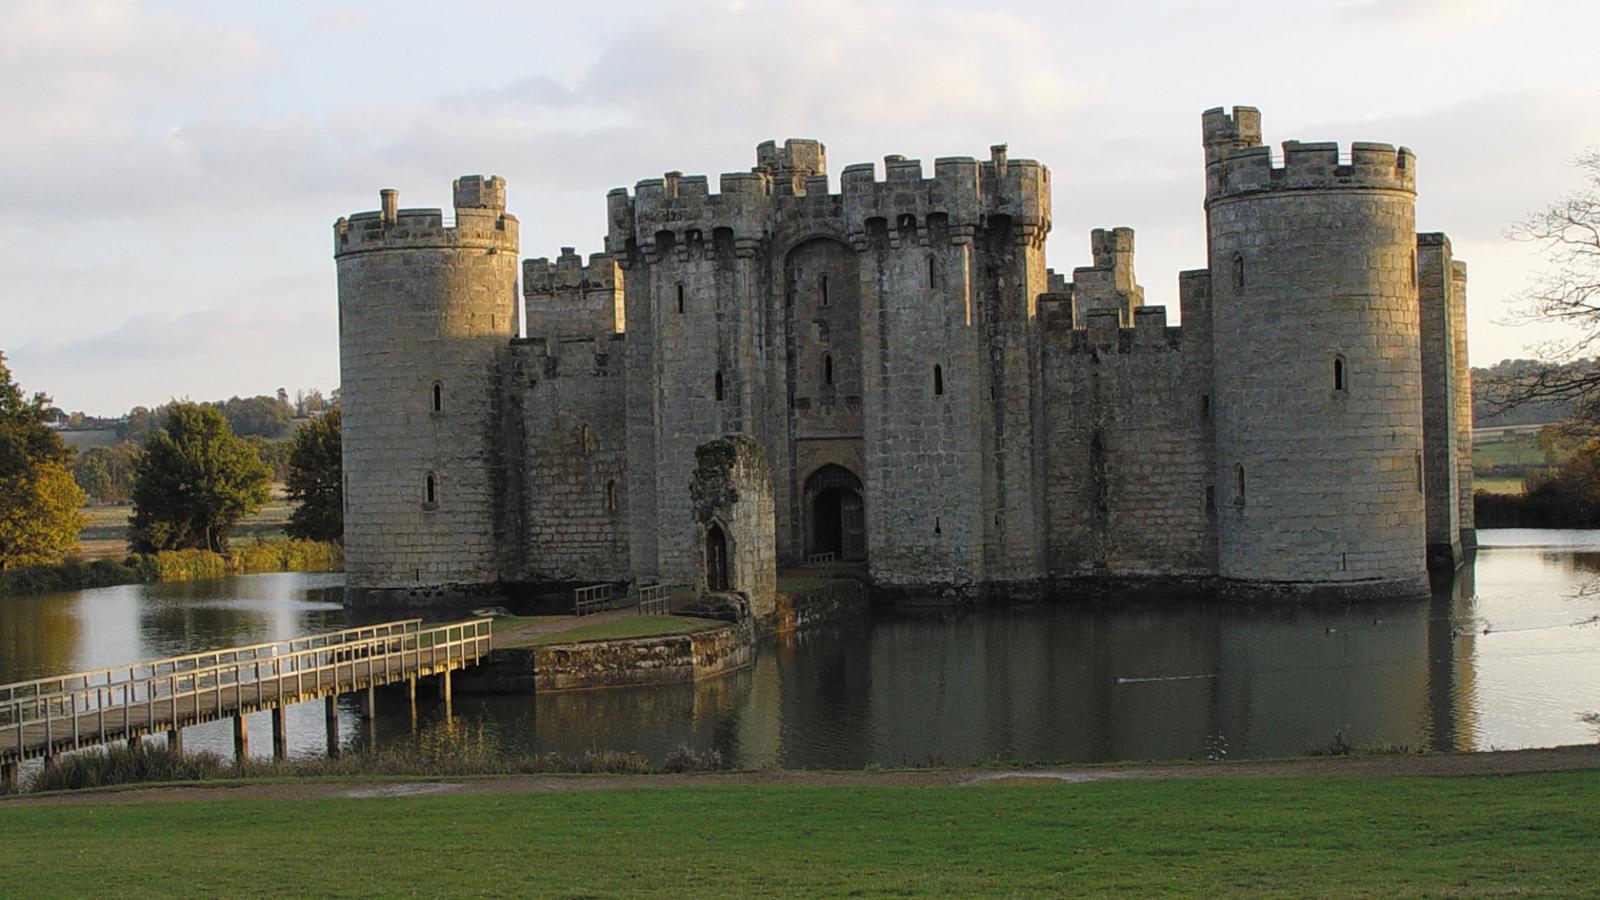 download Castles Wallpaper Backgrounds Desktop Wallpapers 1600x900